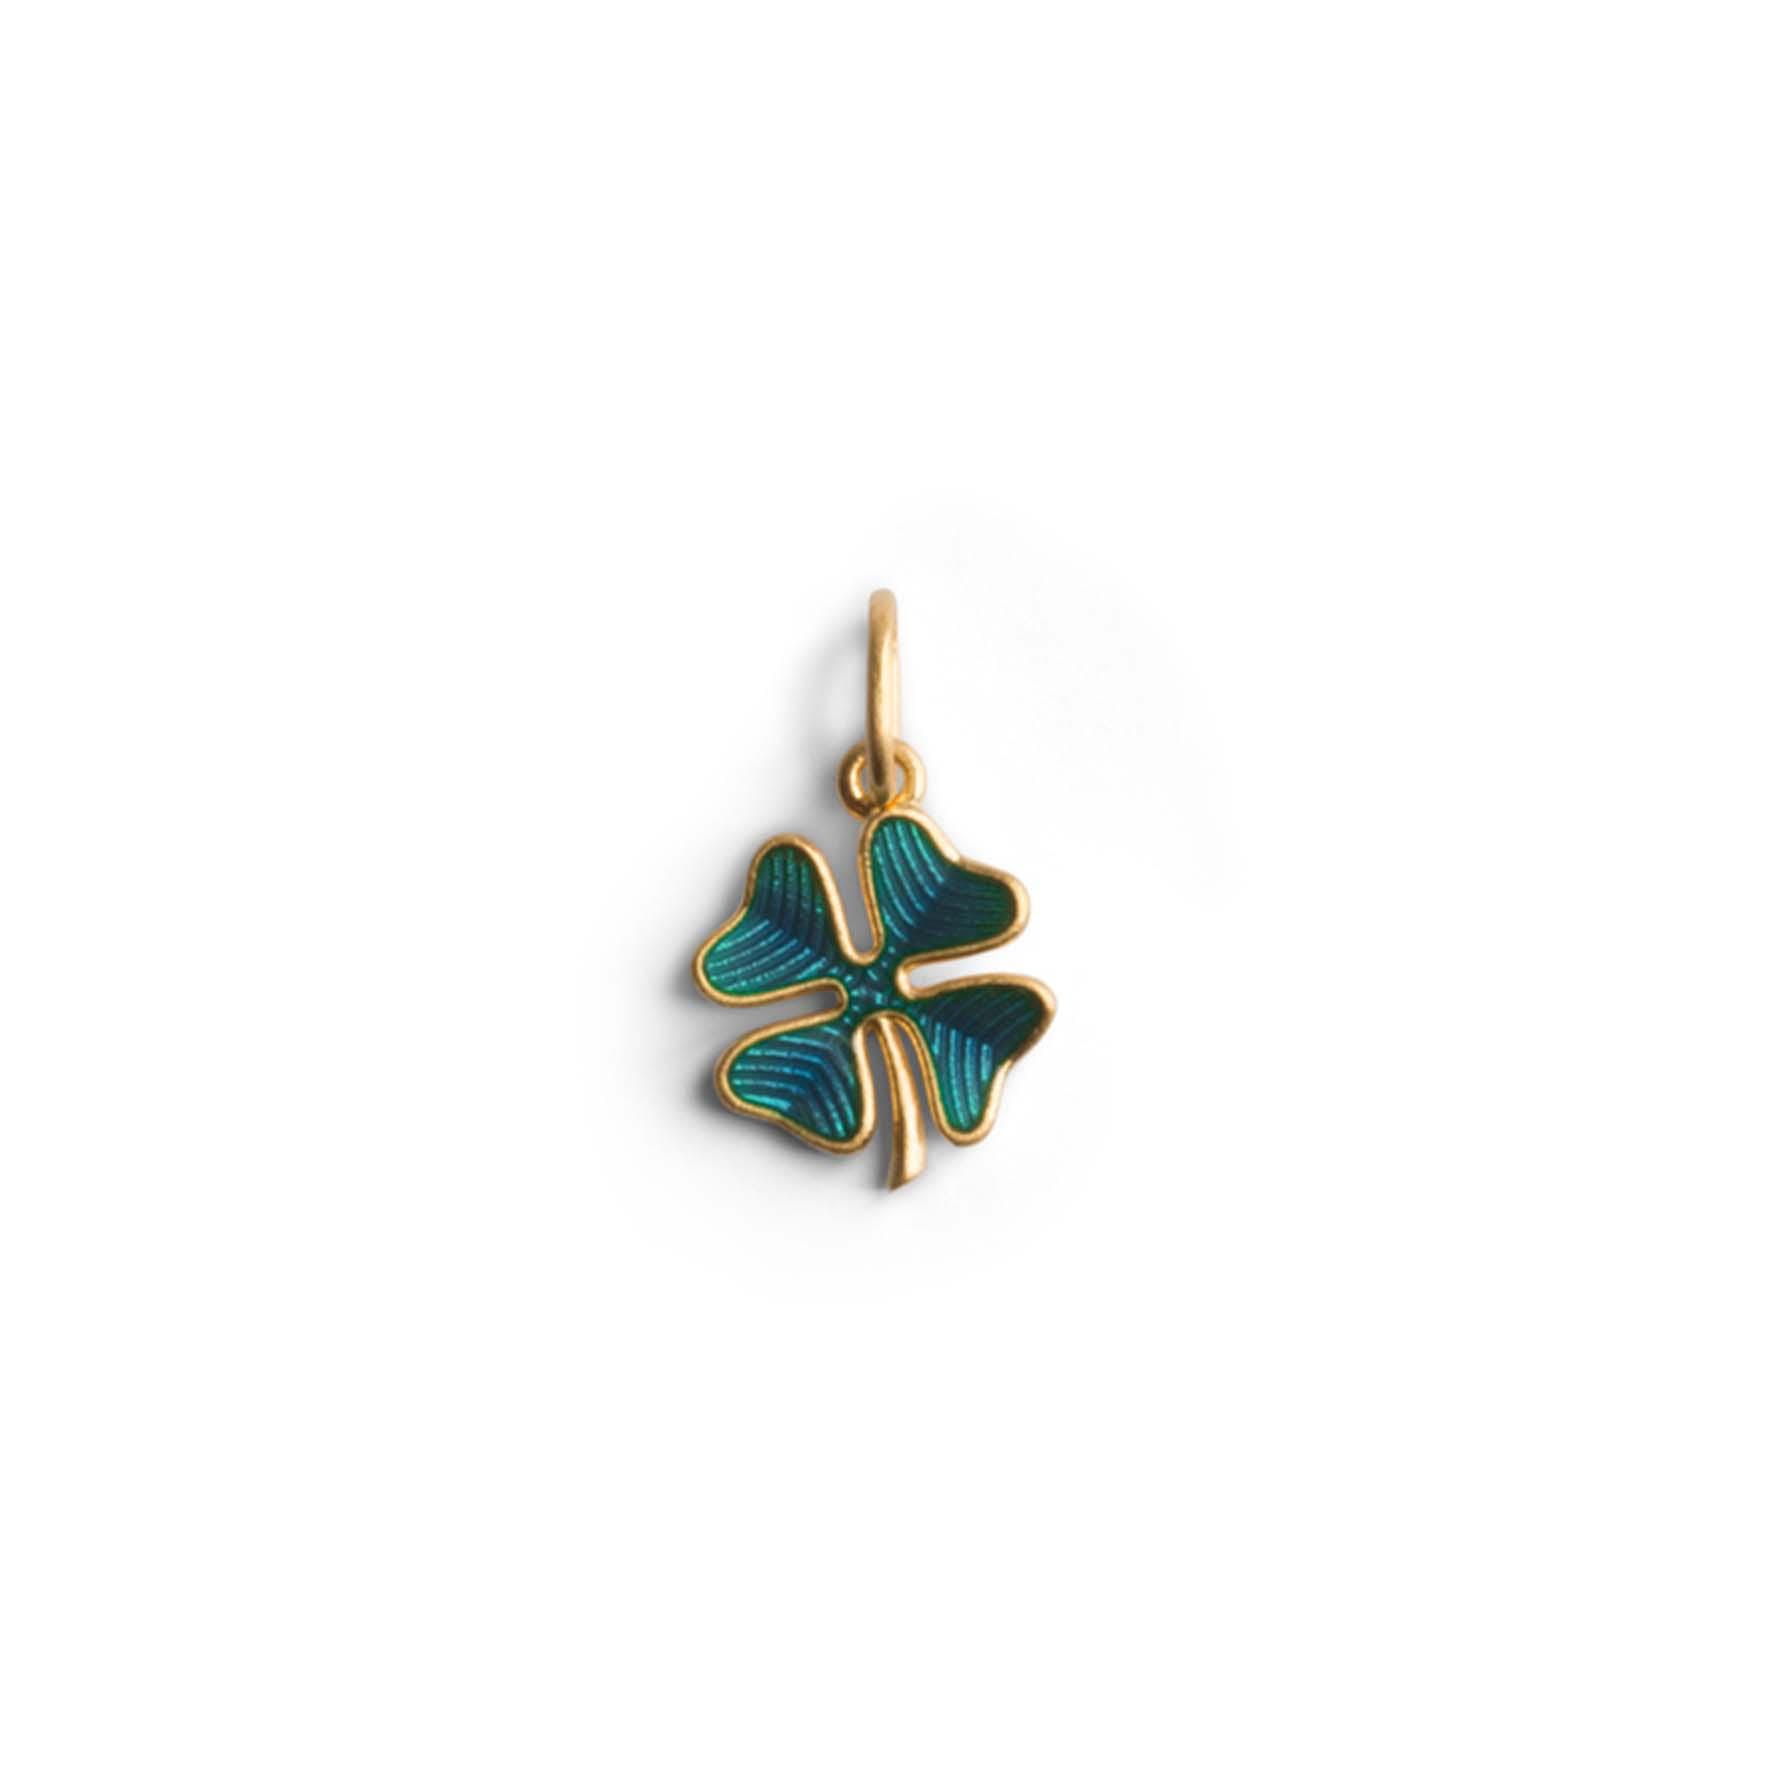 Four-Leaf Clover Pendant With Enamel von Jane Kønig in Vergoldet-Silber Sterling 925